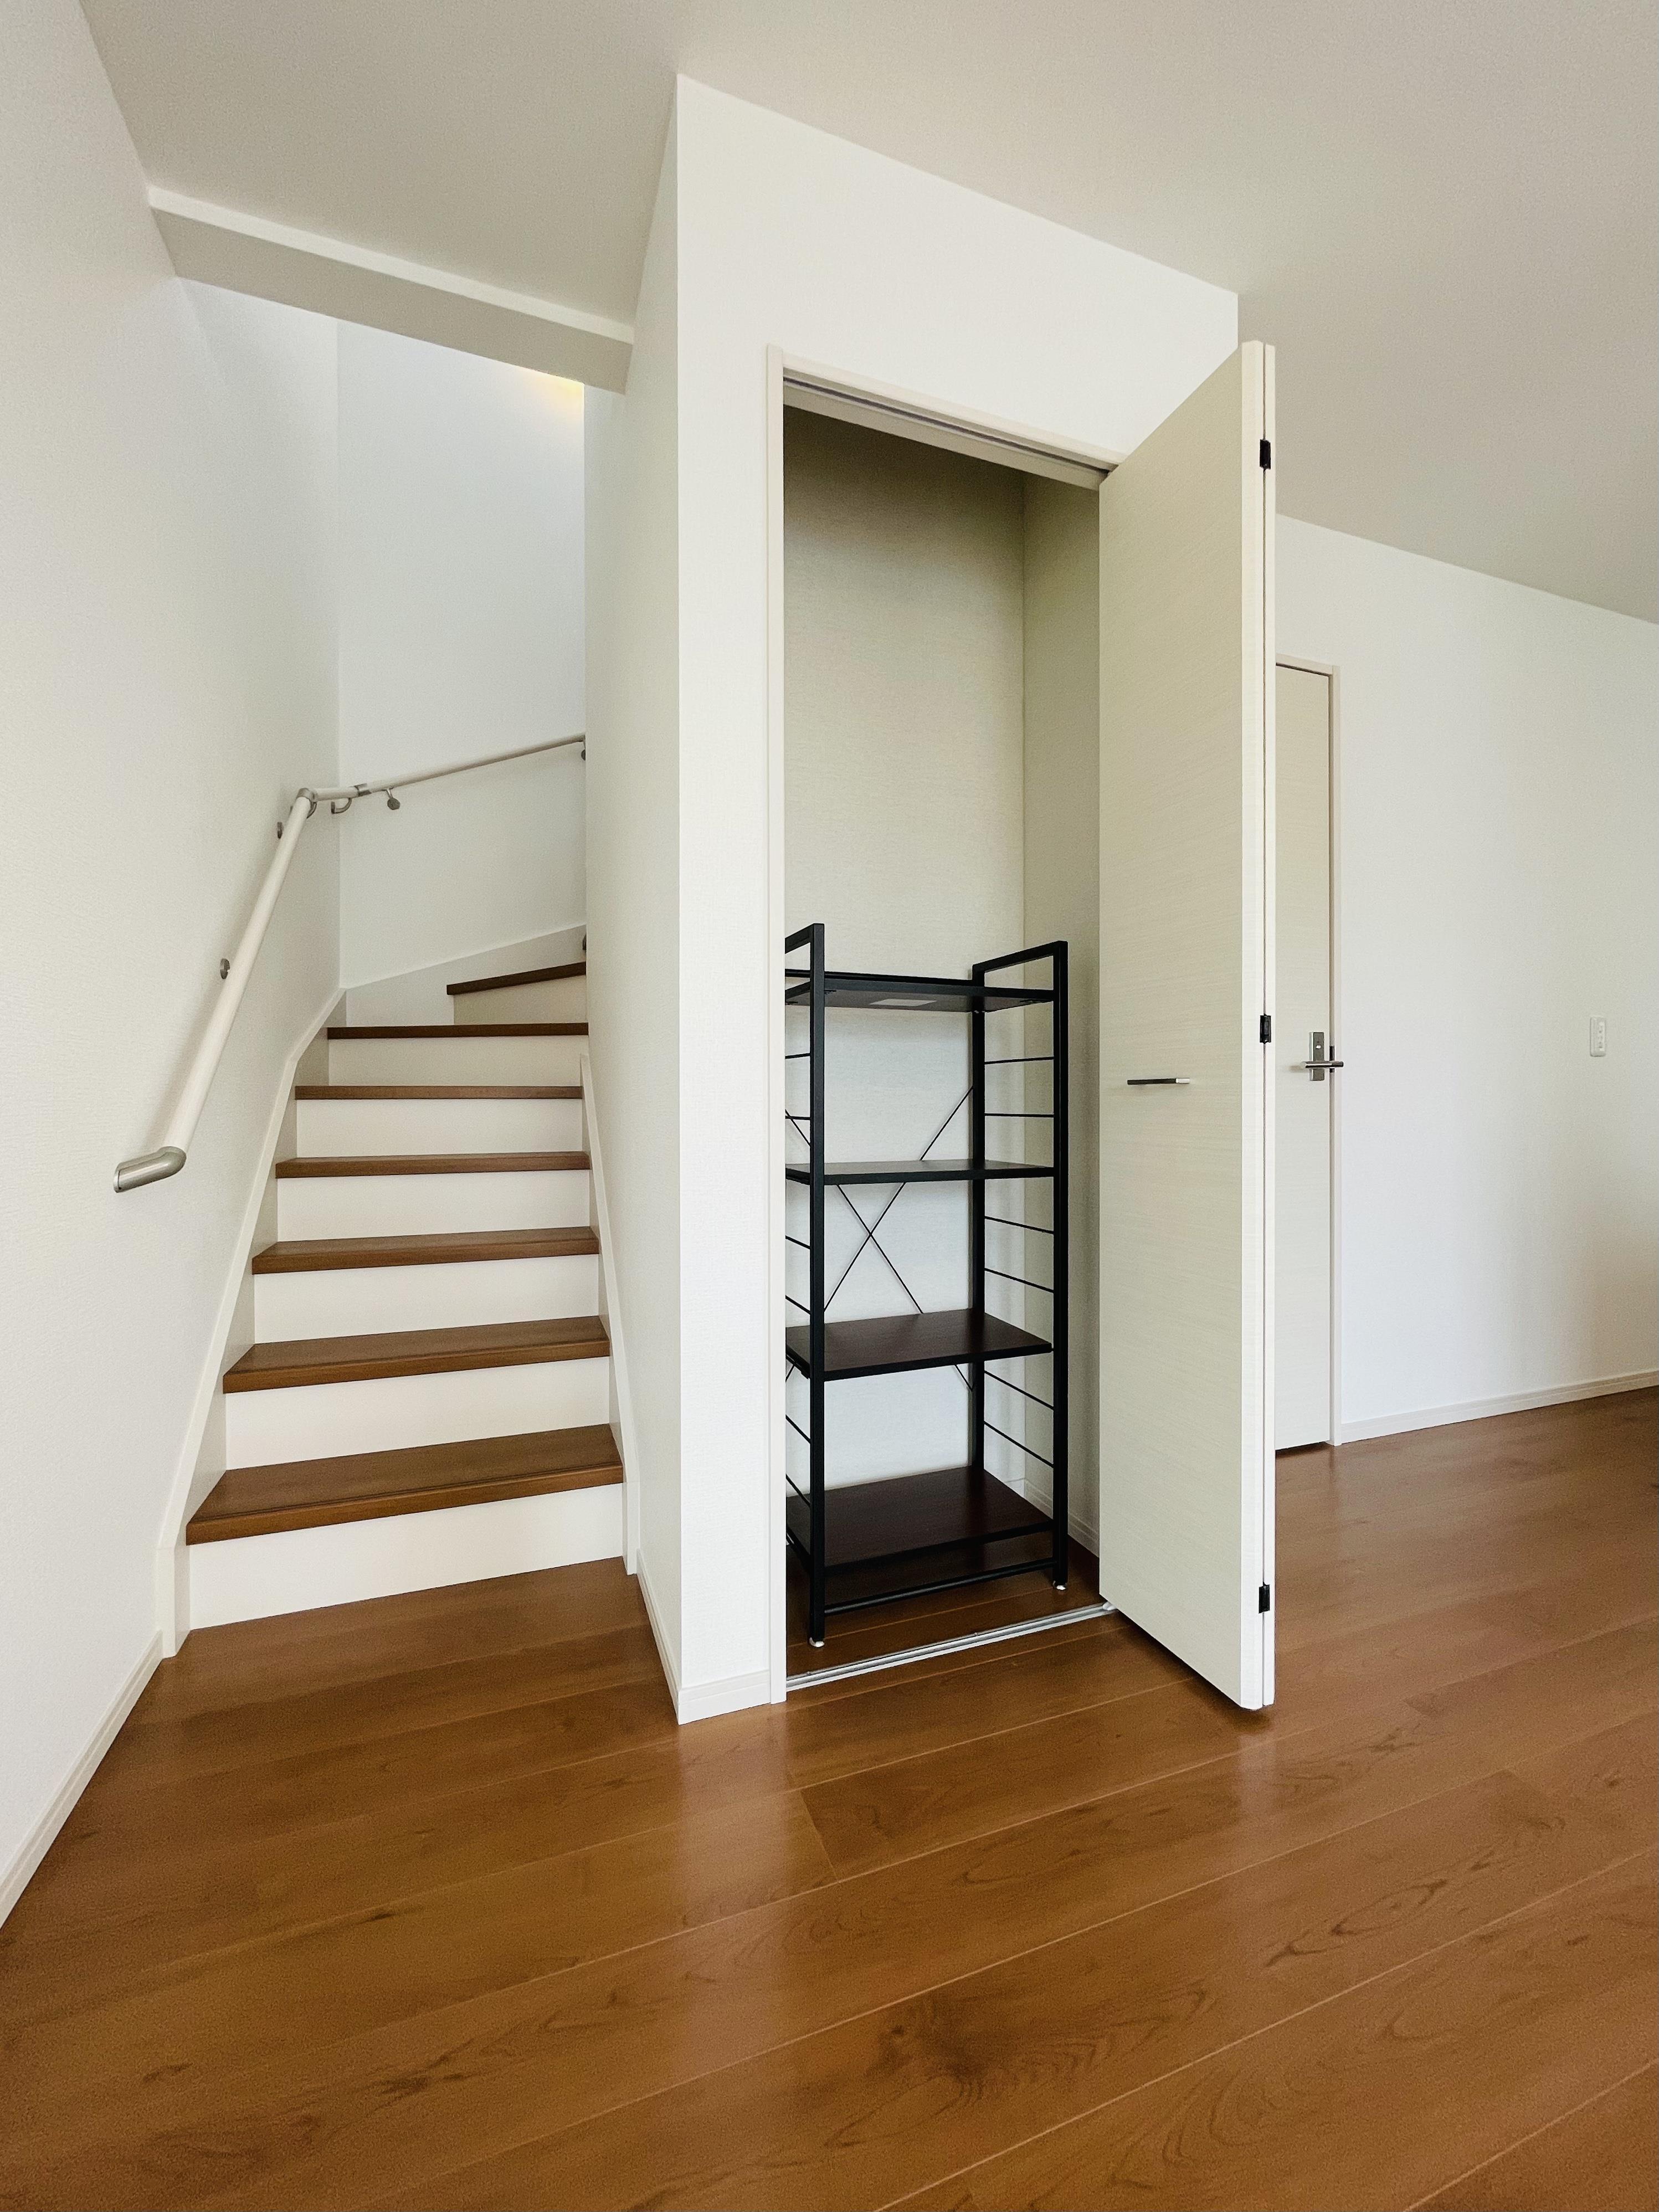 小物をまとめられるリビング収納付き。家の中心に階段がありスムーズに移動できます。